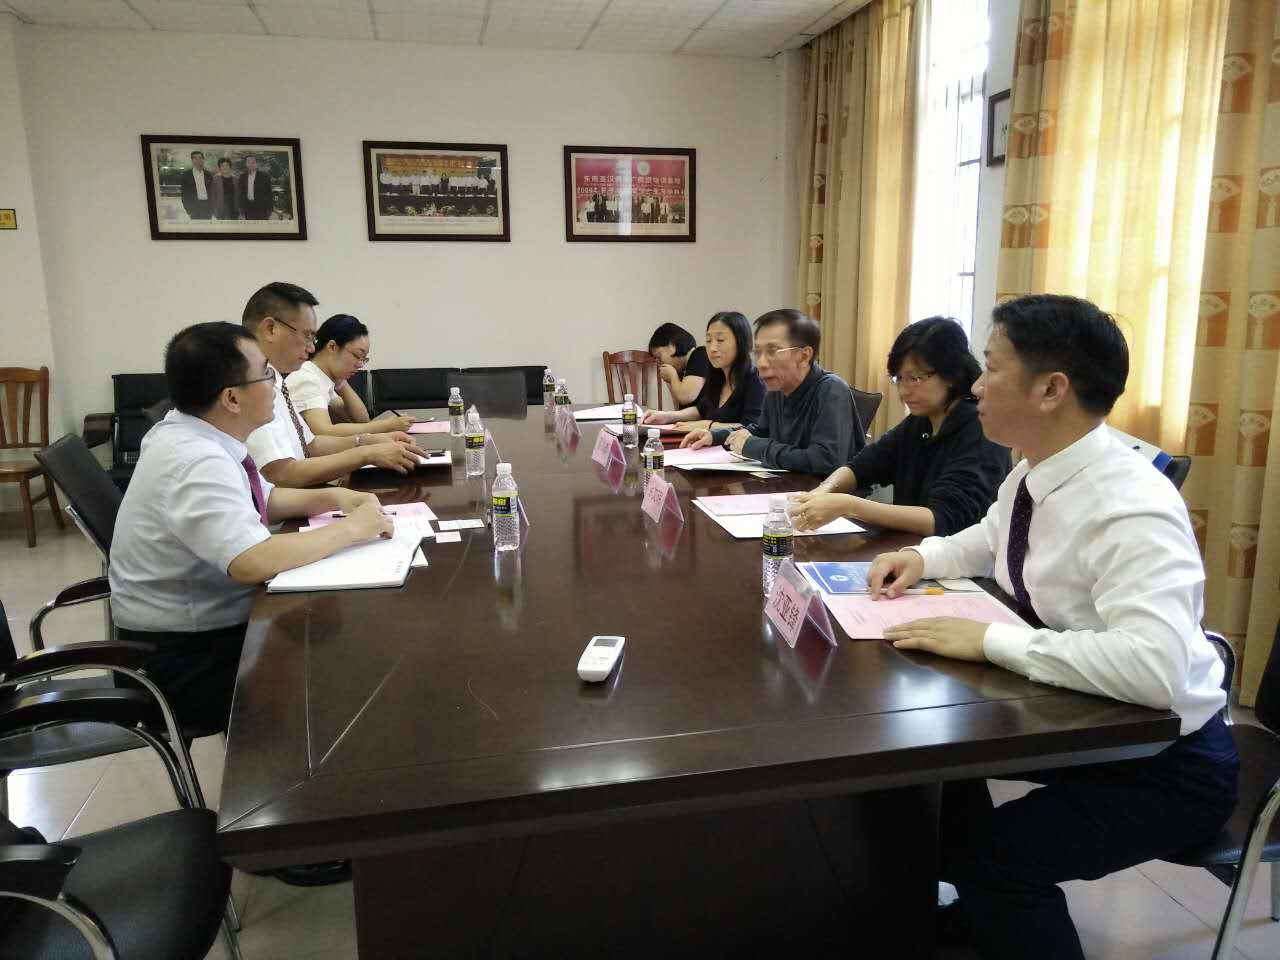 印尼雅加达华文教育协调机构蔡昌杰主席一行访问我校